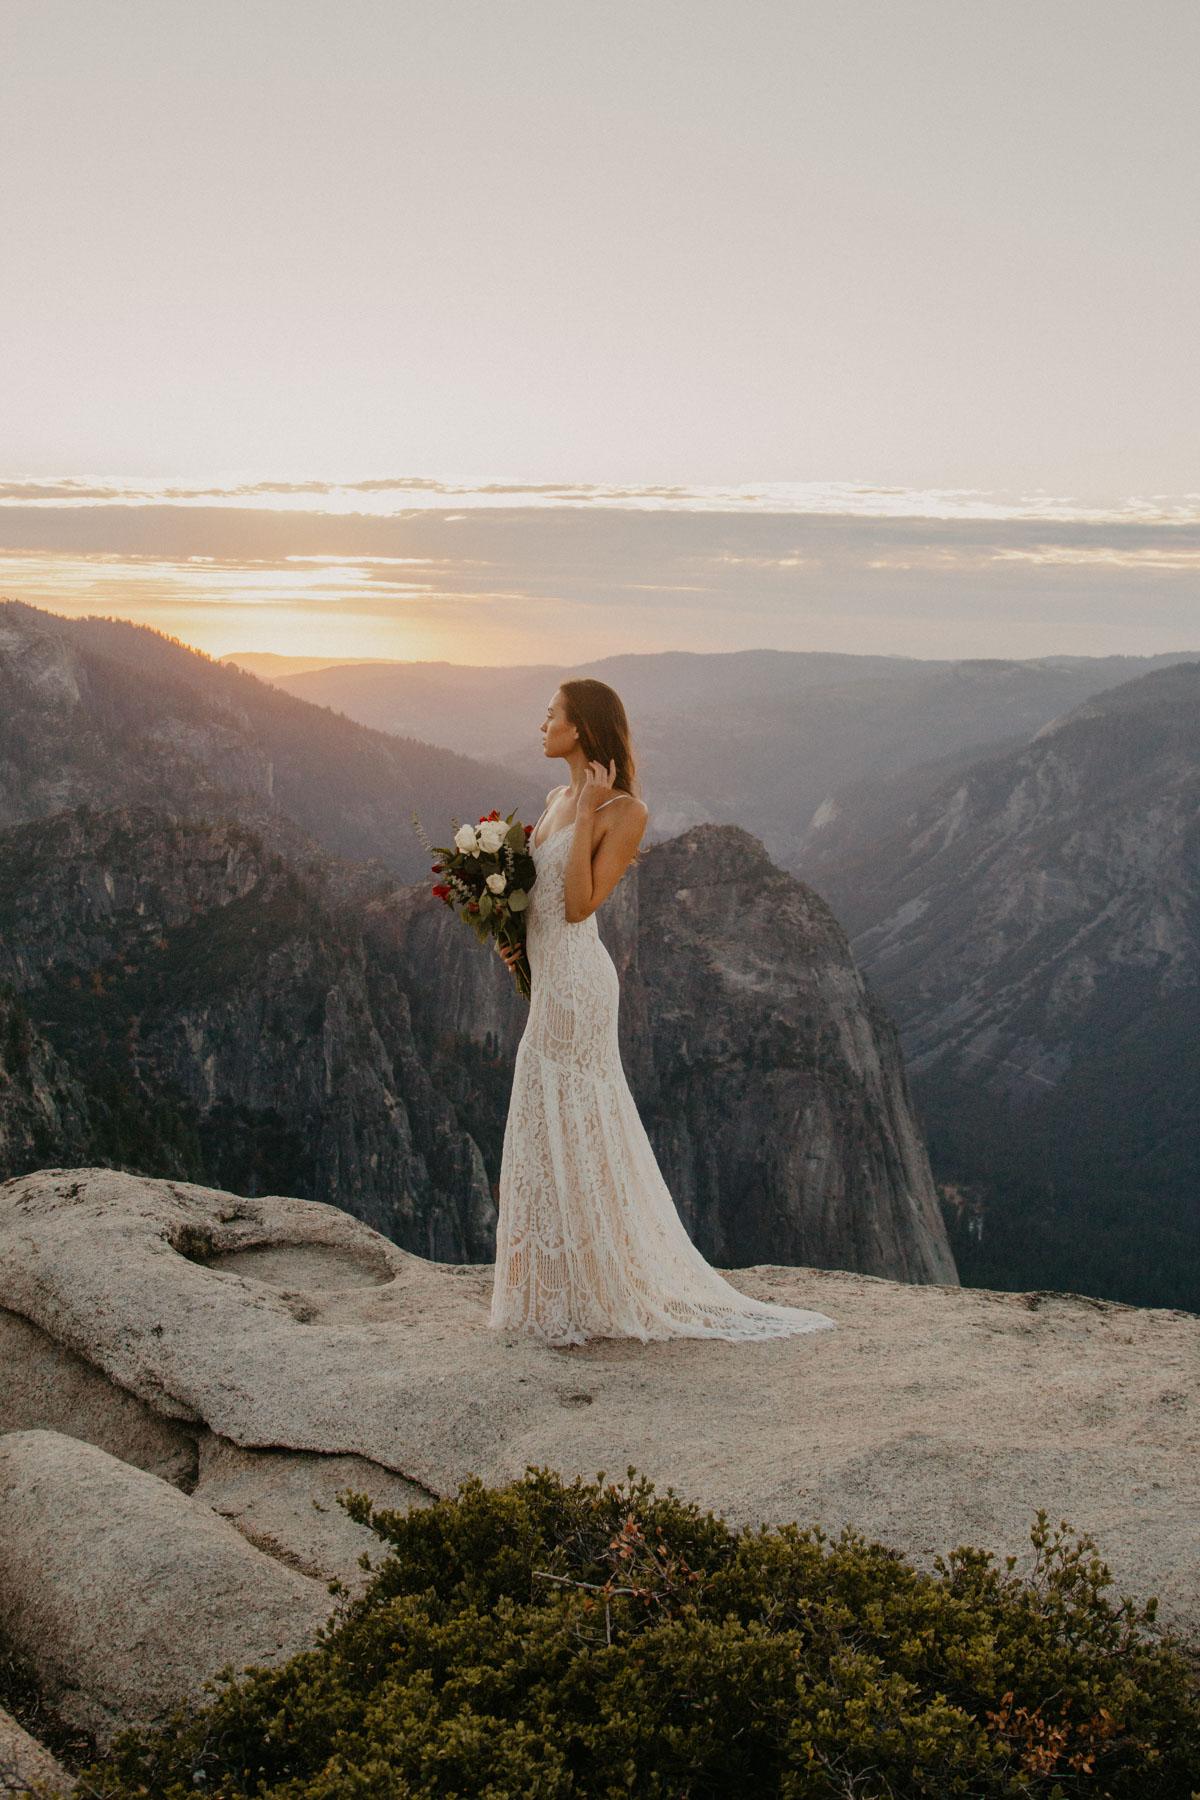 ACC-Yosemite-WebSize-1810025.jpg